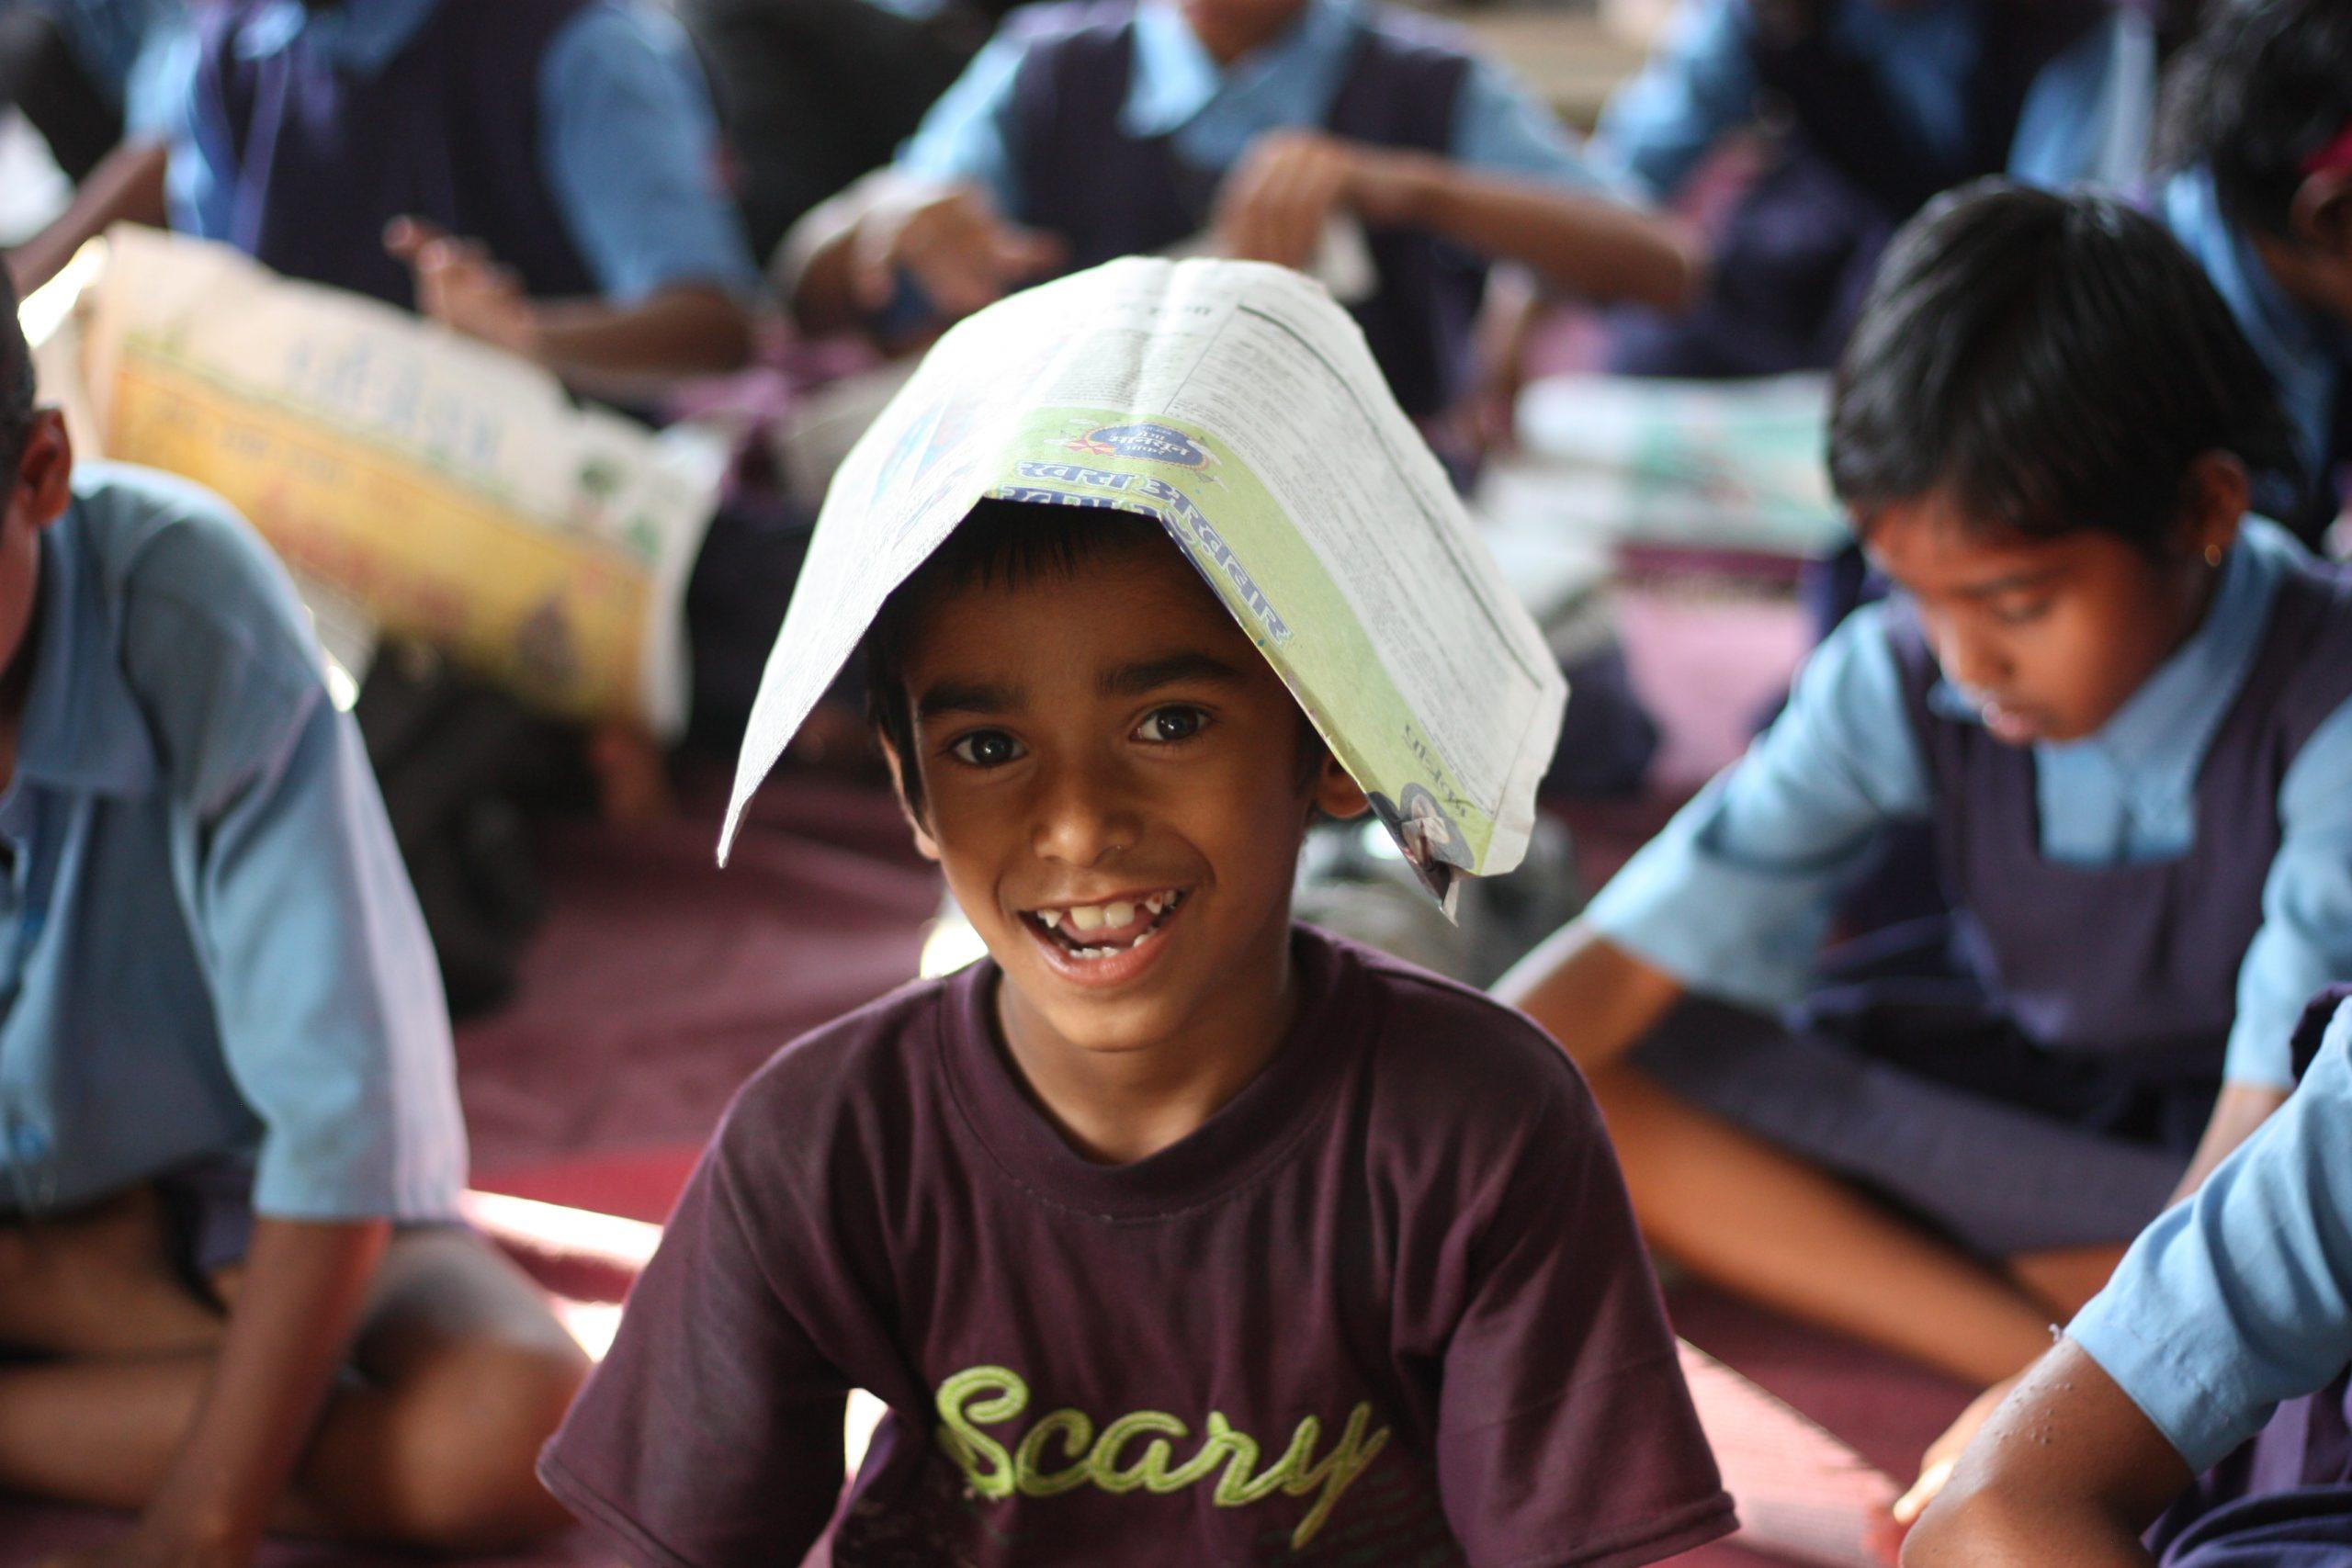 10 formas en que puede ayudar a eliminar el trabajo infantil